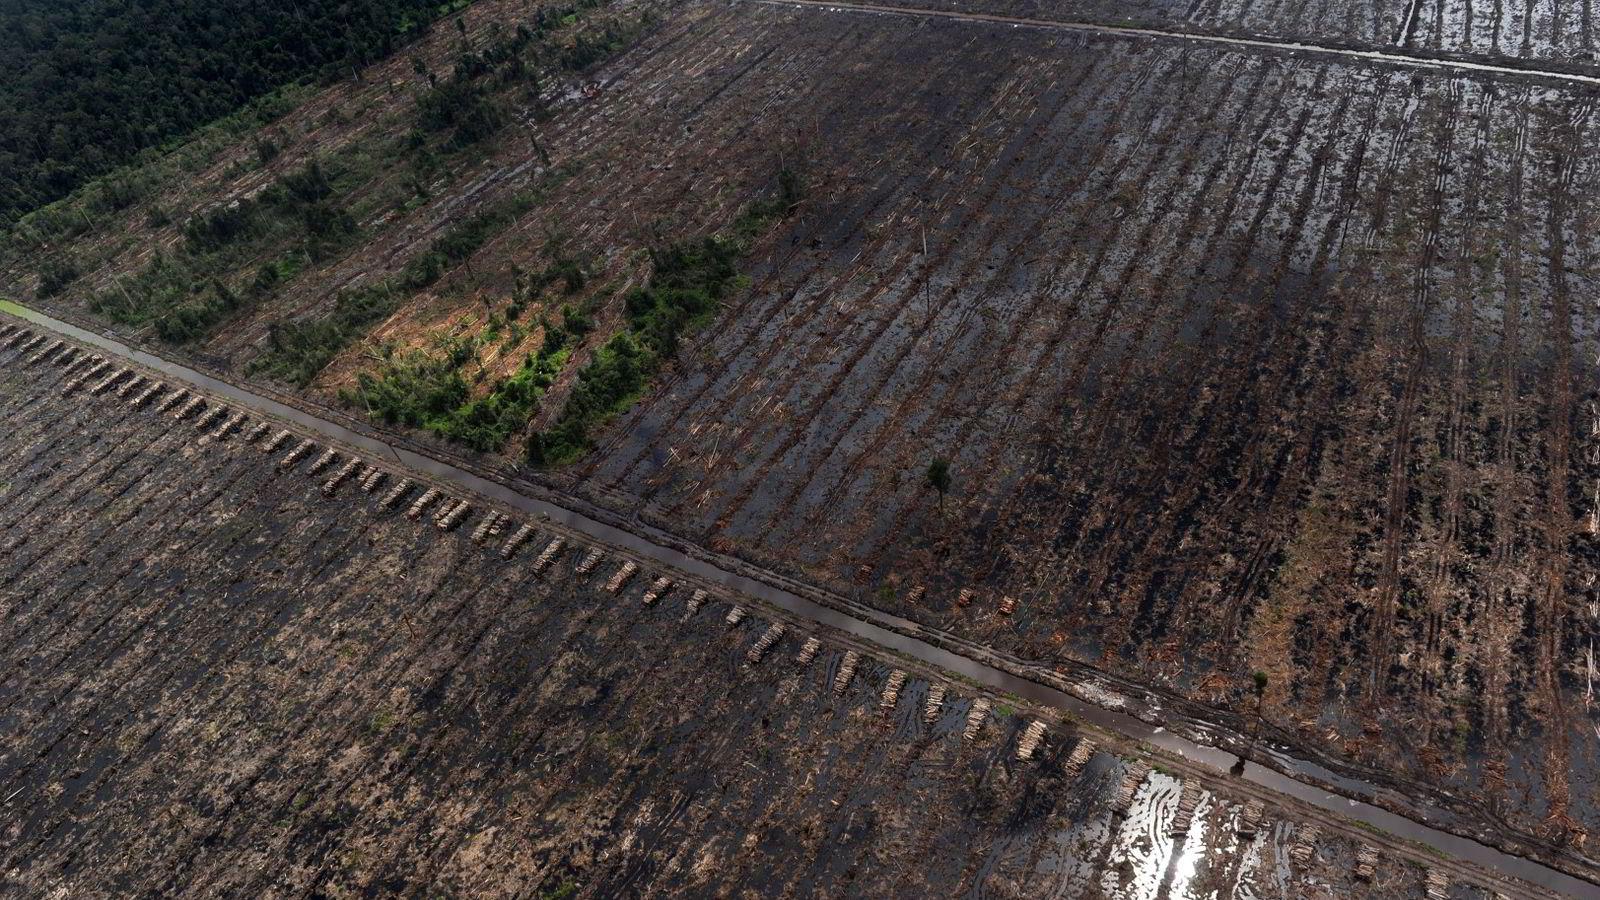 EU får kritikk for sin bruk av biodrivstoff. Bildet viser stabler med tømmer i ødelagt regnskog på Sumatra i Indonesia. Da bildet ble tatt for fire år siden forsvant det ifølge eksperter regnskog tilsvarende 300 fotballbaner i timen. Foto: Romeo Gacad/AFP Photo/NTB scanpix